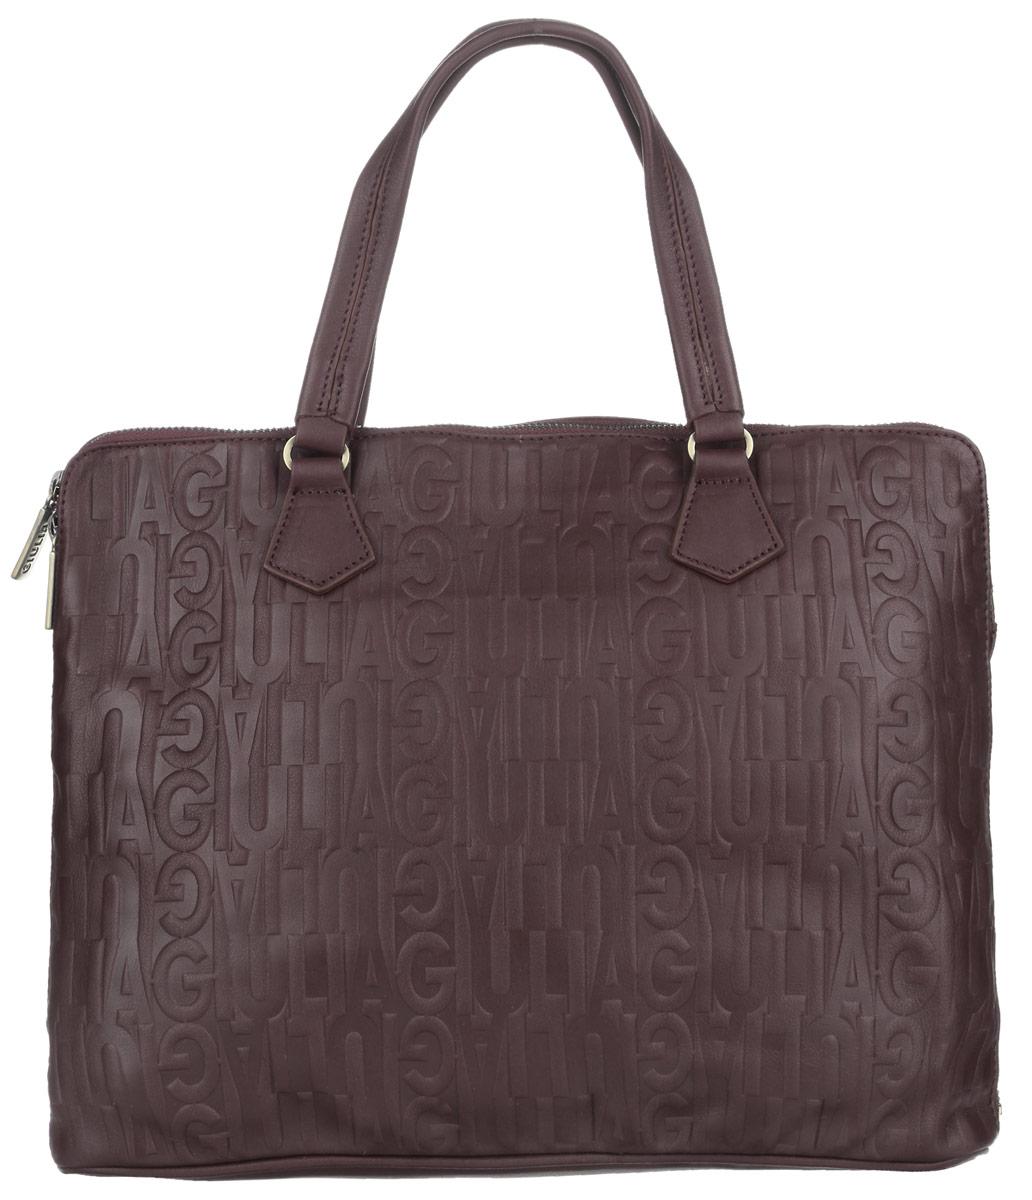 Сумка-папка мужская Giulia, цвет: темно-коричневый. 3126231262 dark brownМужская сумка-папка для документов Giulia выполнена из натуральной кожи с декоративным тиснением. Сумка имеет одно основное отделение, закрывающееся на застежку-молнию. Внутри находится прорезной карман на застежке-молнии и открытый пришивной карман с двумя перегородками. Снаружи на задней стенке располагается прорезной карман на застежке-молнии. Изделие оснащено двумя удобными ручками. Сумка вмещает документы формата A4. Функциональная вместительная сумка-папка станет стильным аксессуаром для делового мужчины.